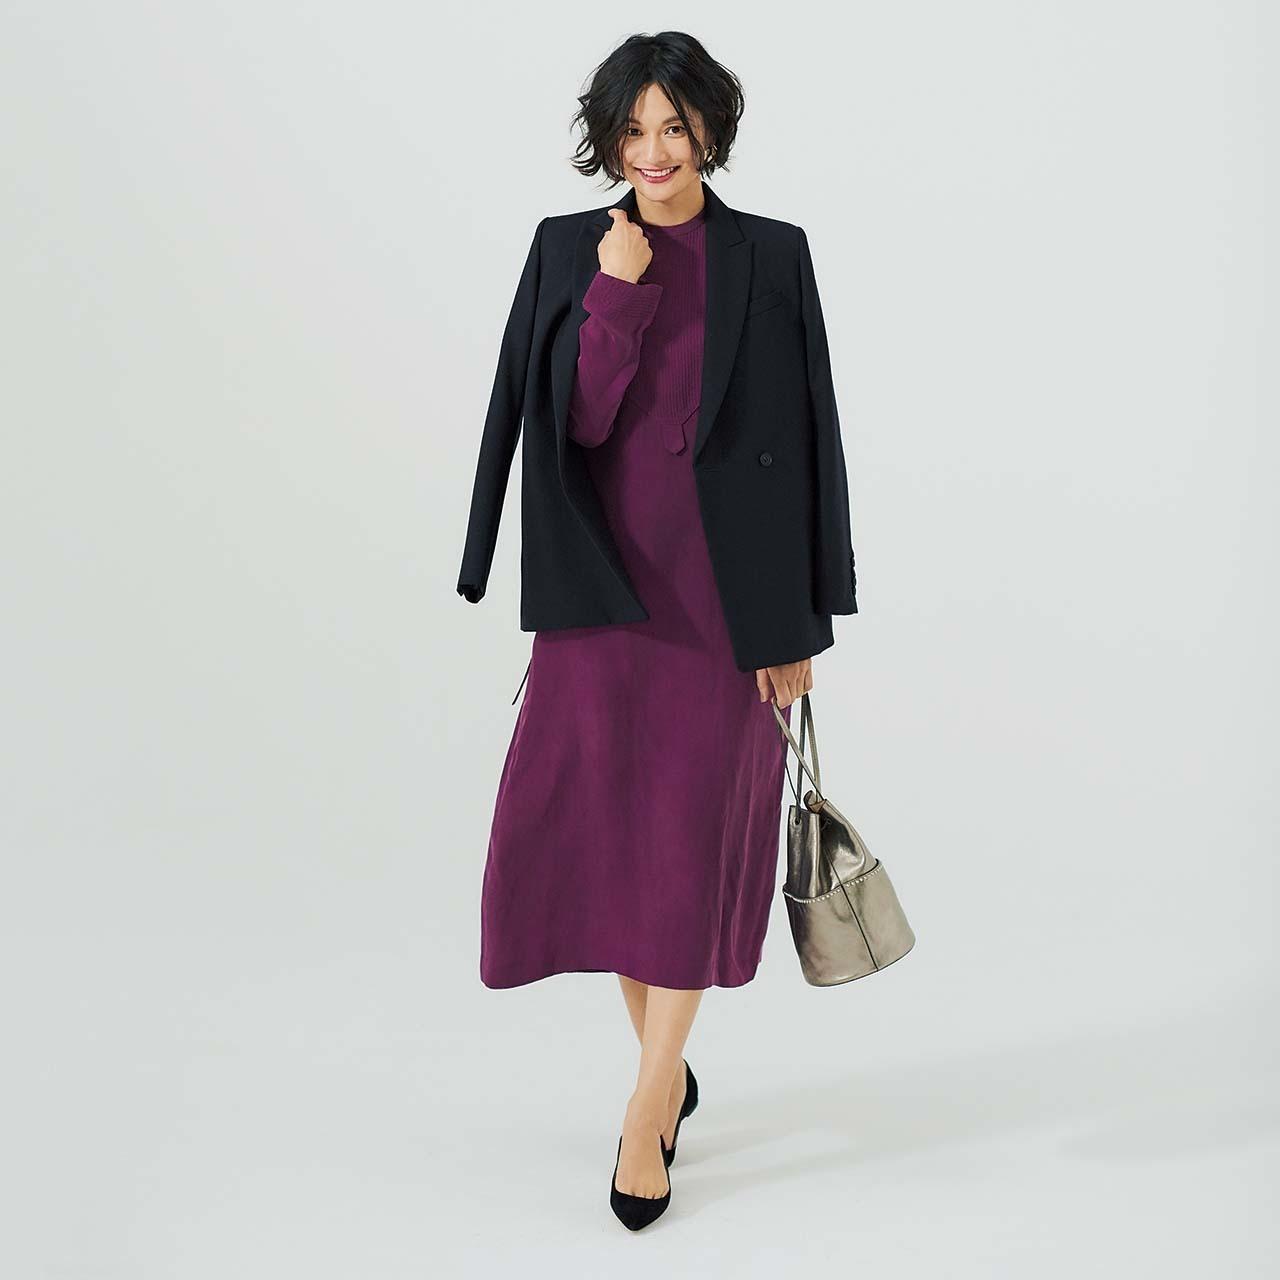 ネイビーのジャケット×きれい色のワンピース